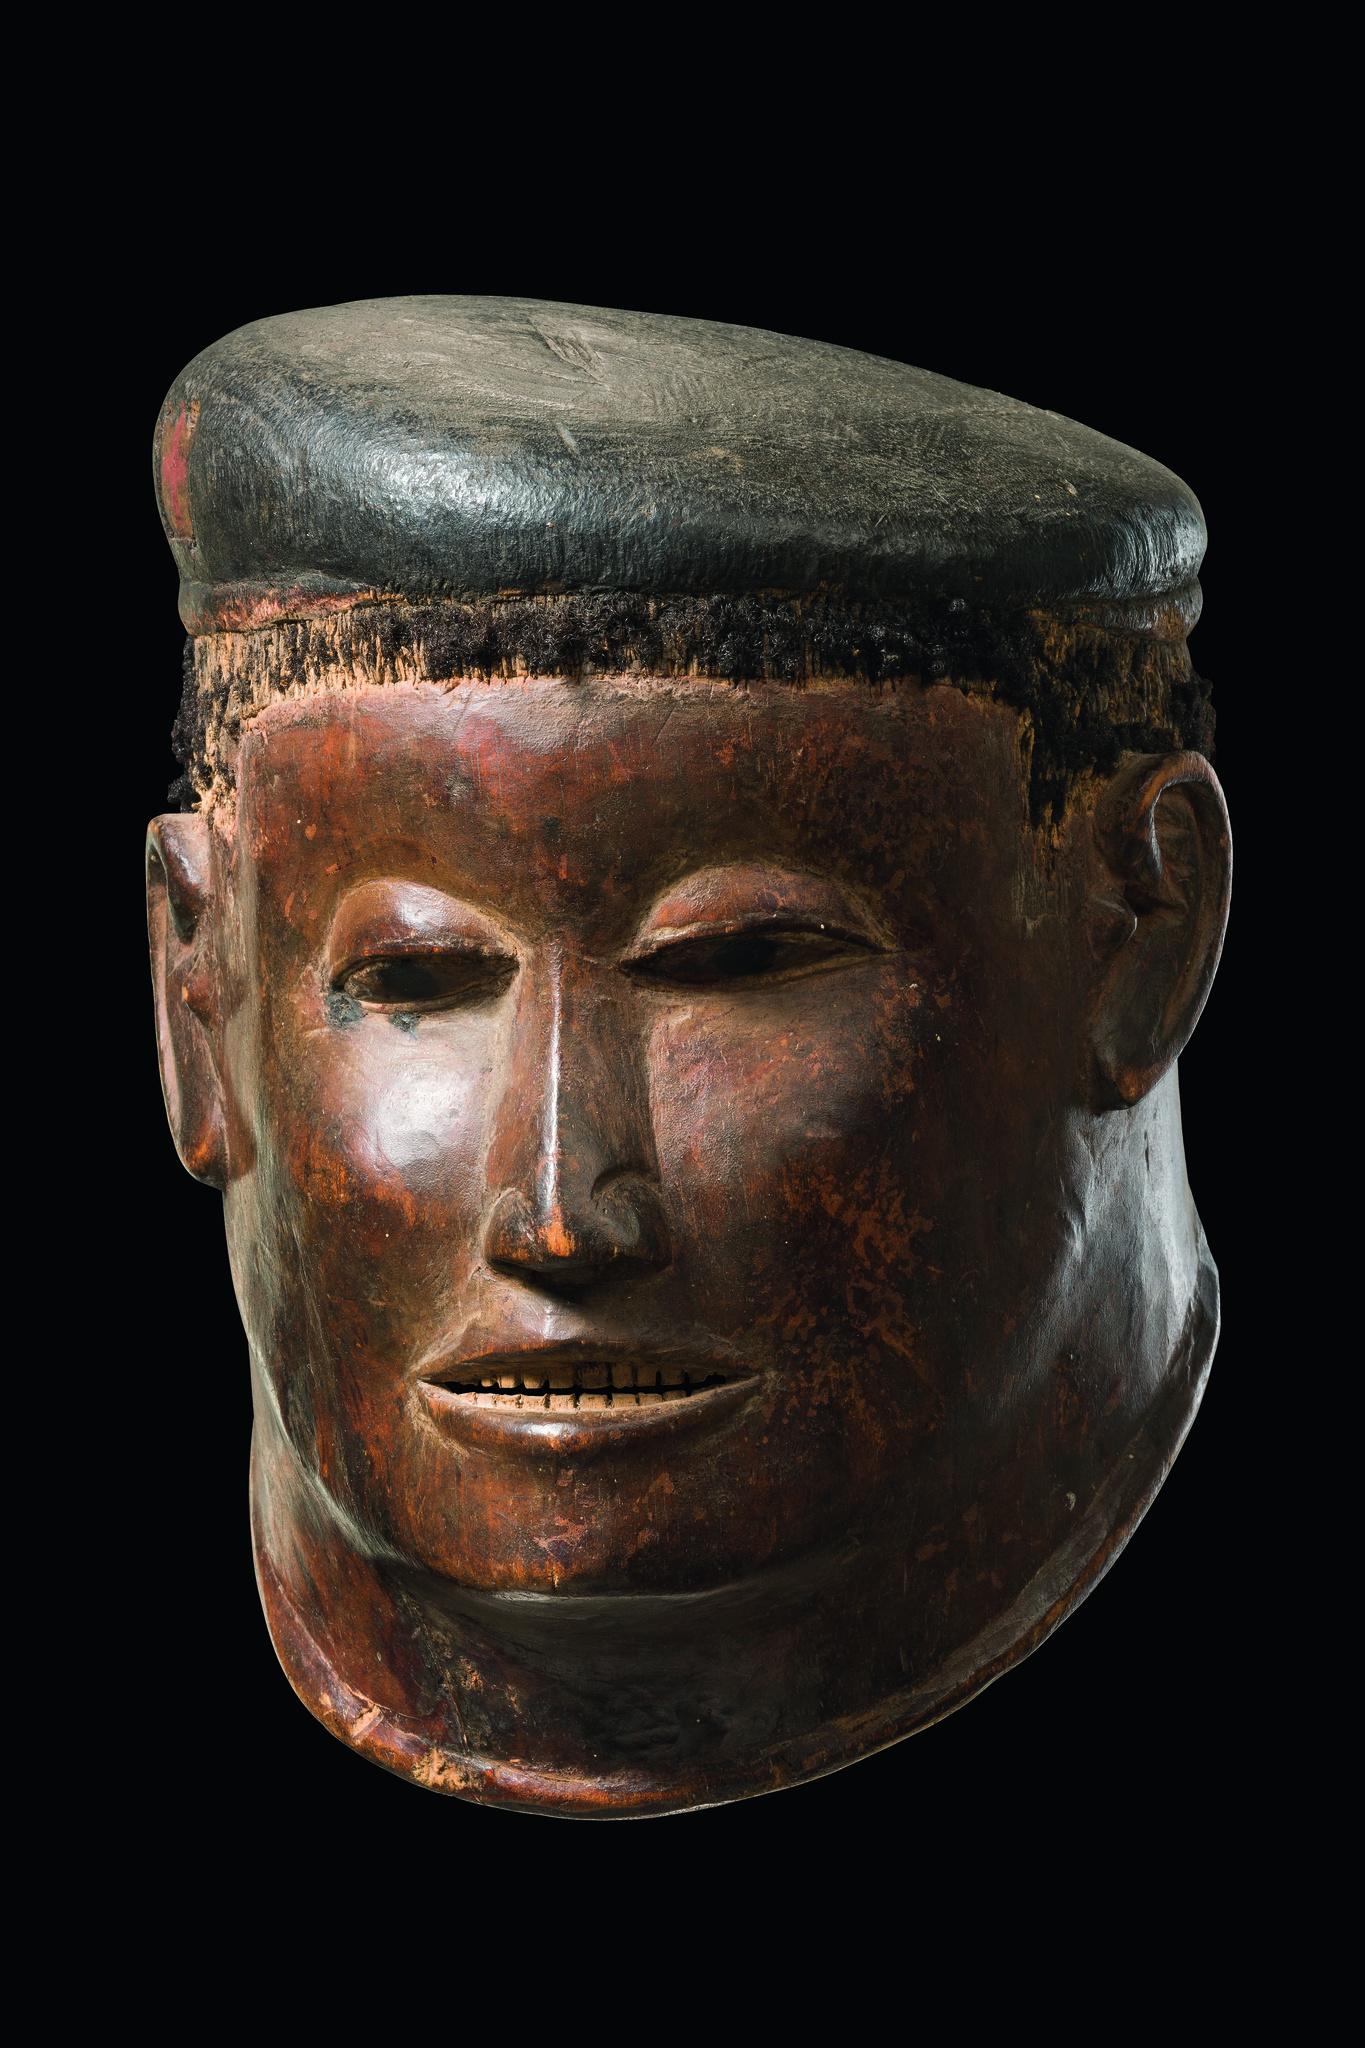 Helmmaske im Colonstil: Britischer Soldat mit Barett